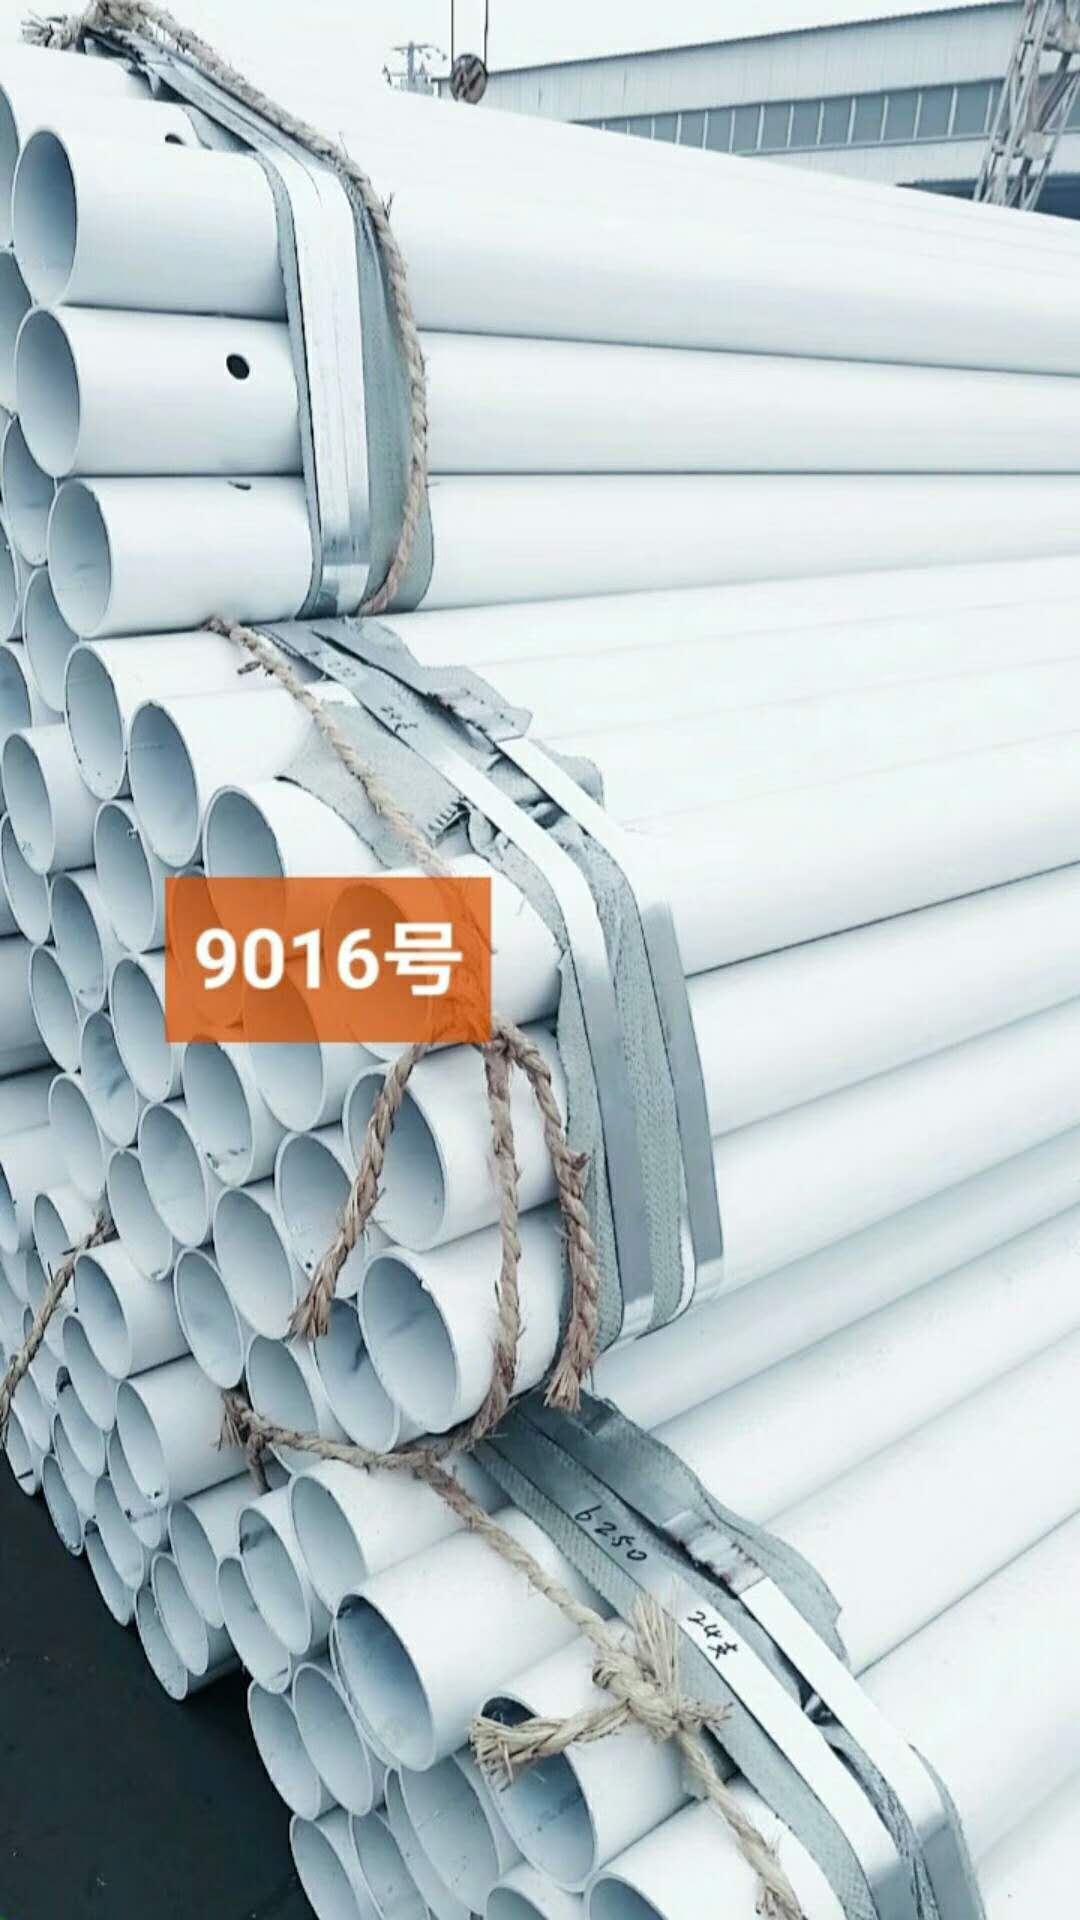 海西蒙古族藏族自治州波形梁钢护栏价格与规格